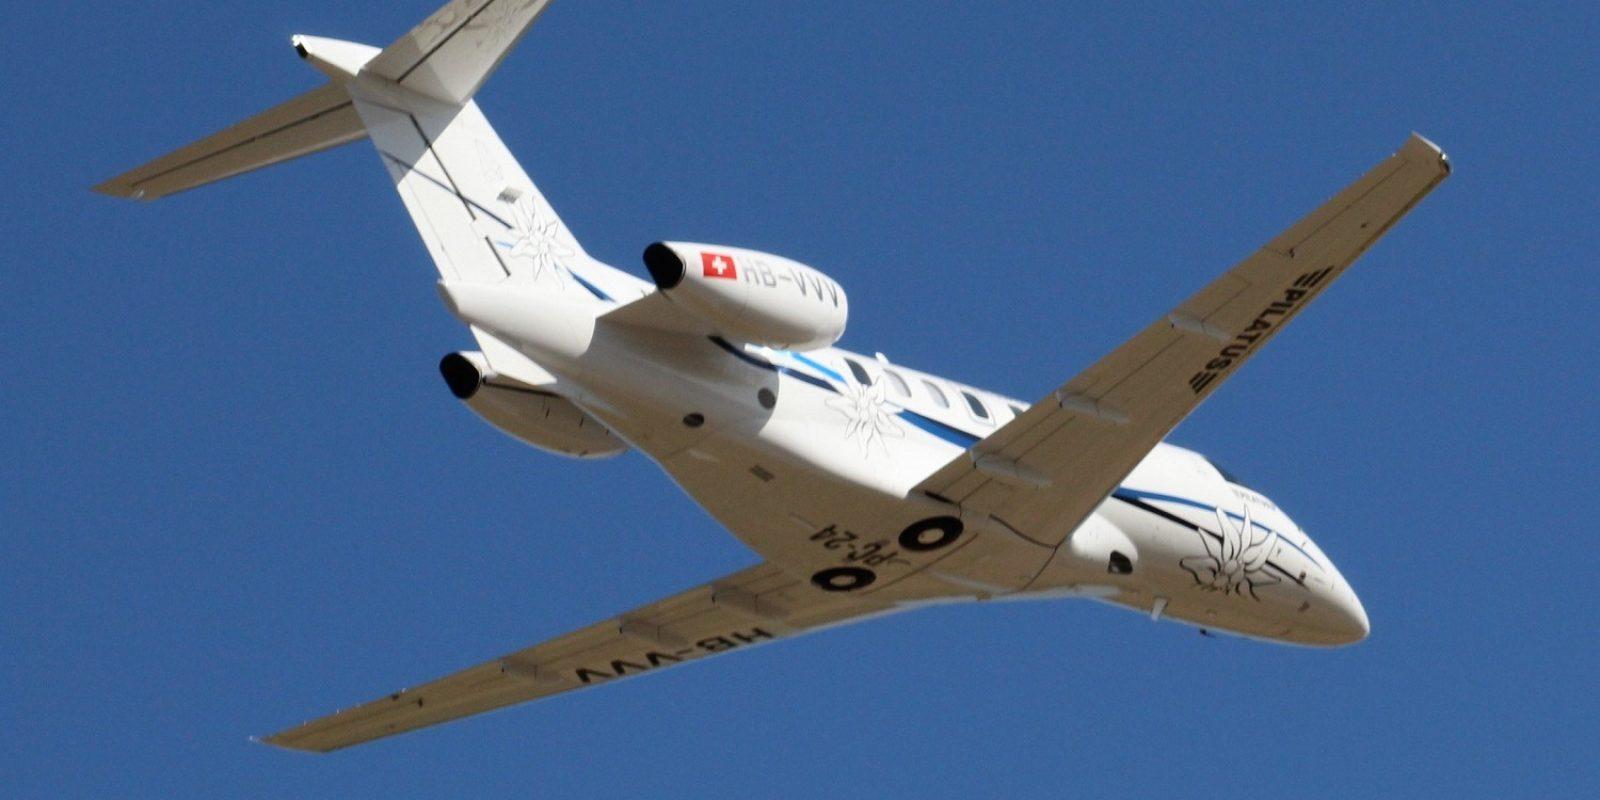 Le Pilatus PC-24 démonstrateur, le HB-VVV (sn 124), à la belle décoration « Edelweiss », amenait la direction du constructeur suisse à Gray, et utilisait pour la première fois la nouvelle piste allongée.